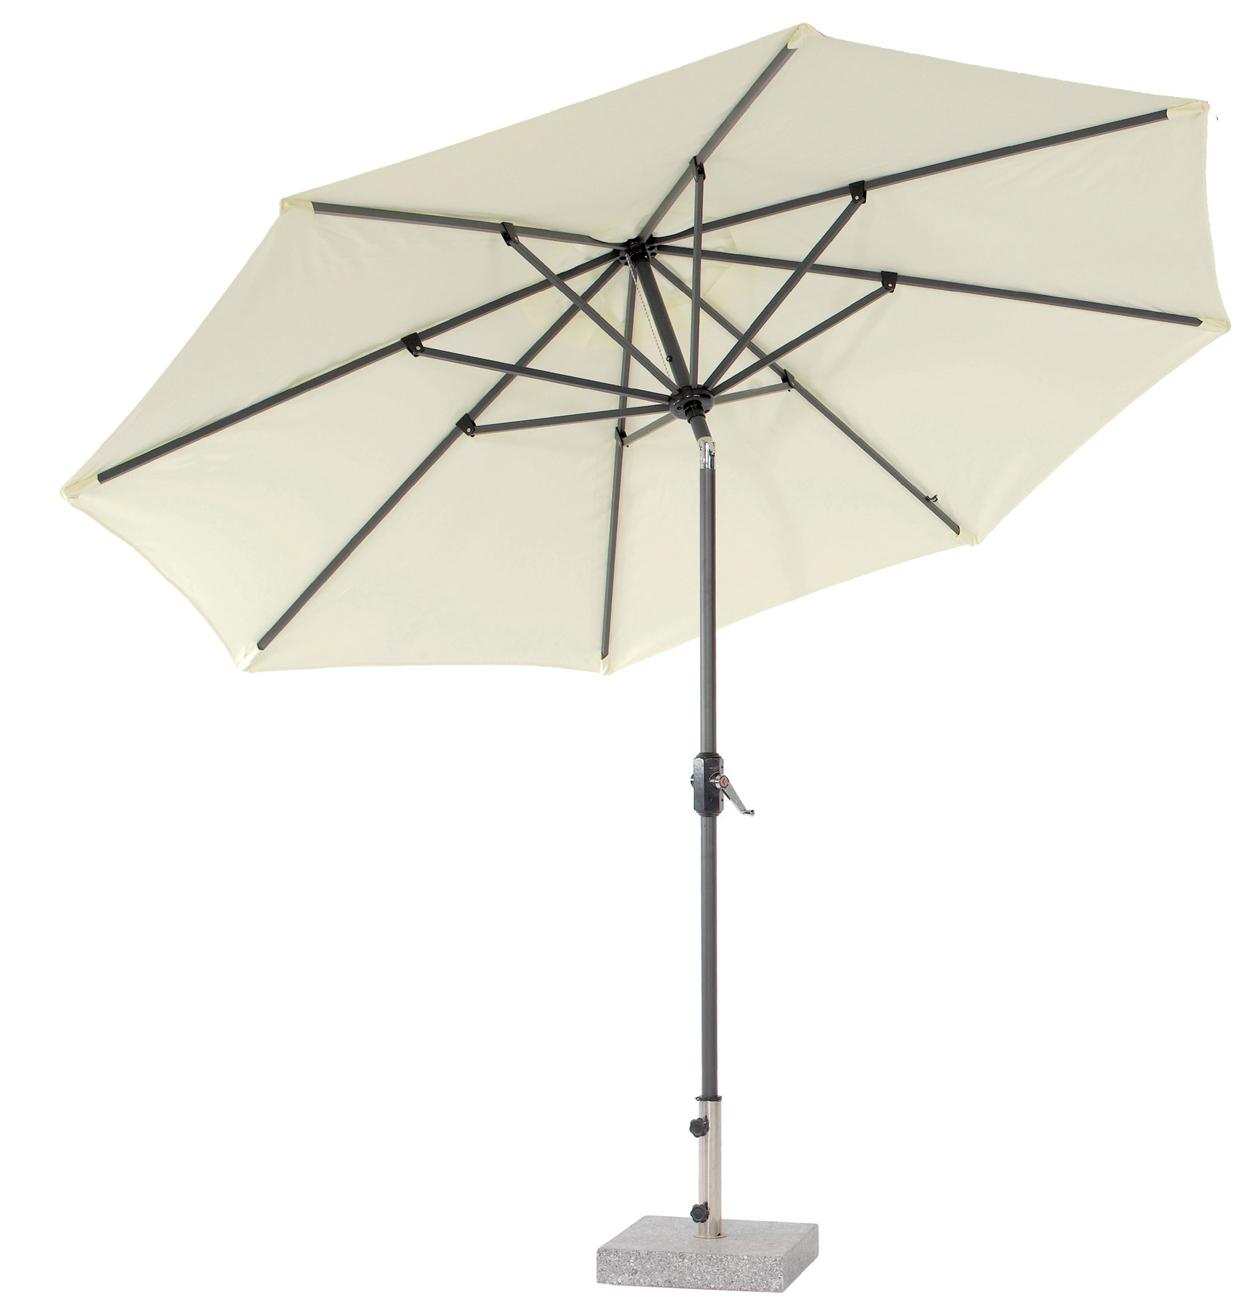 Parasol de lujo con palo central Aukland - Inclinable varias posiciones, elevable con manivela